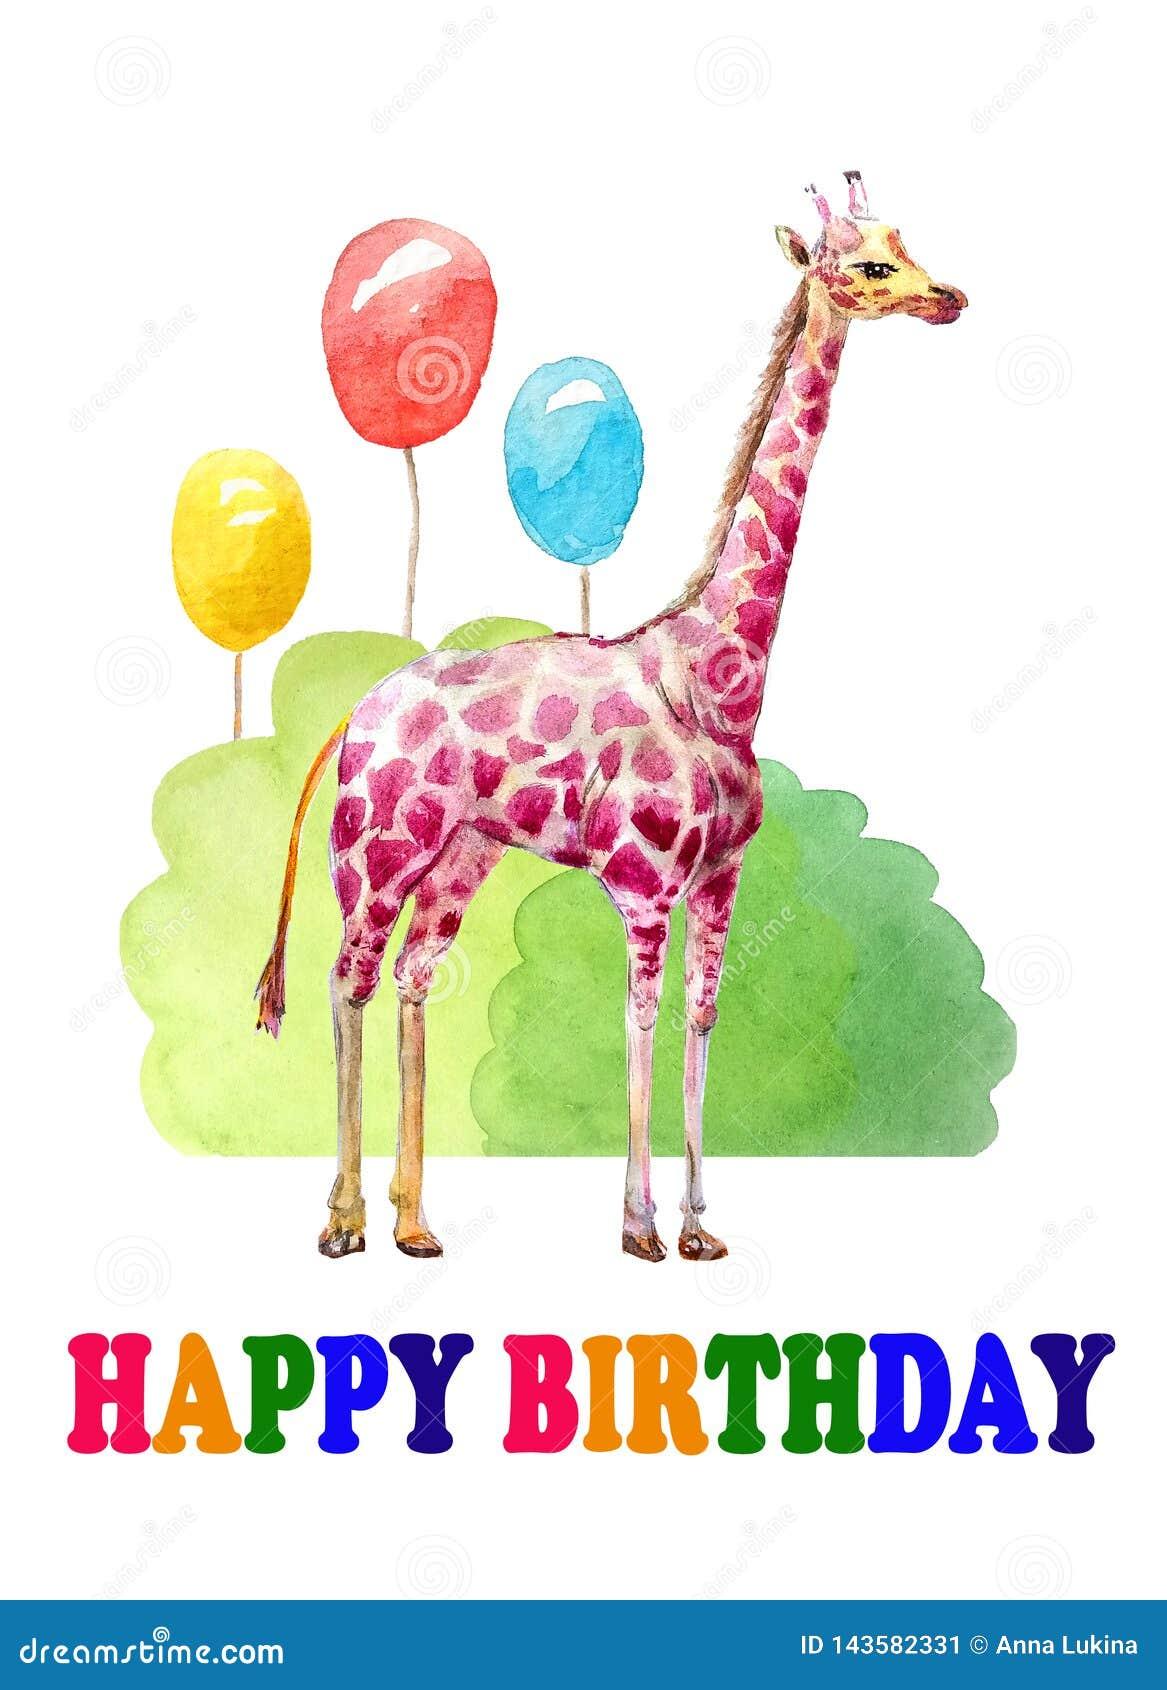 Gelukkige Verjaardag De gelukwensen van de kleurengiraf op de vakantie Drie kleurrijke ballen, struiken watercolor